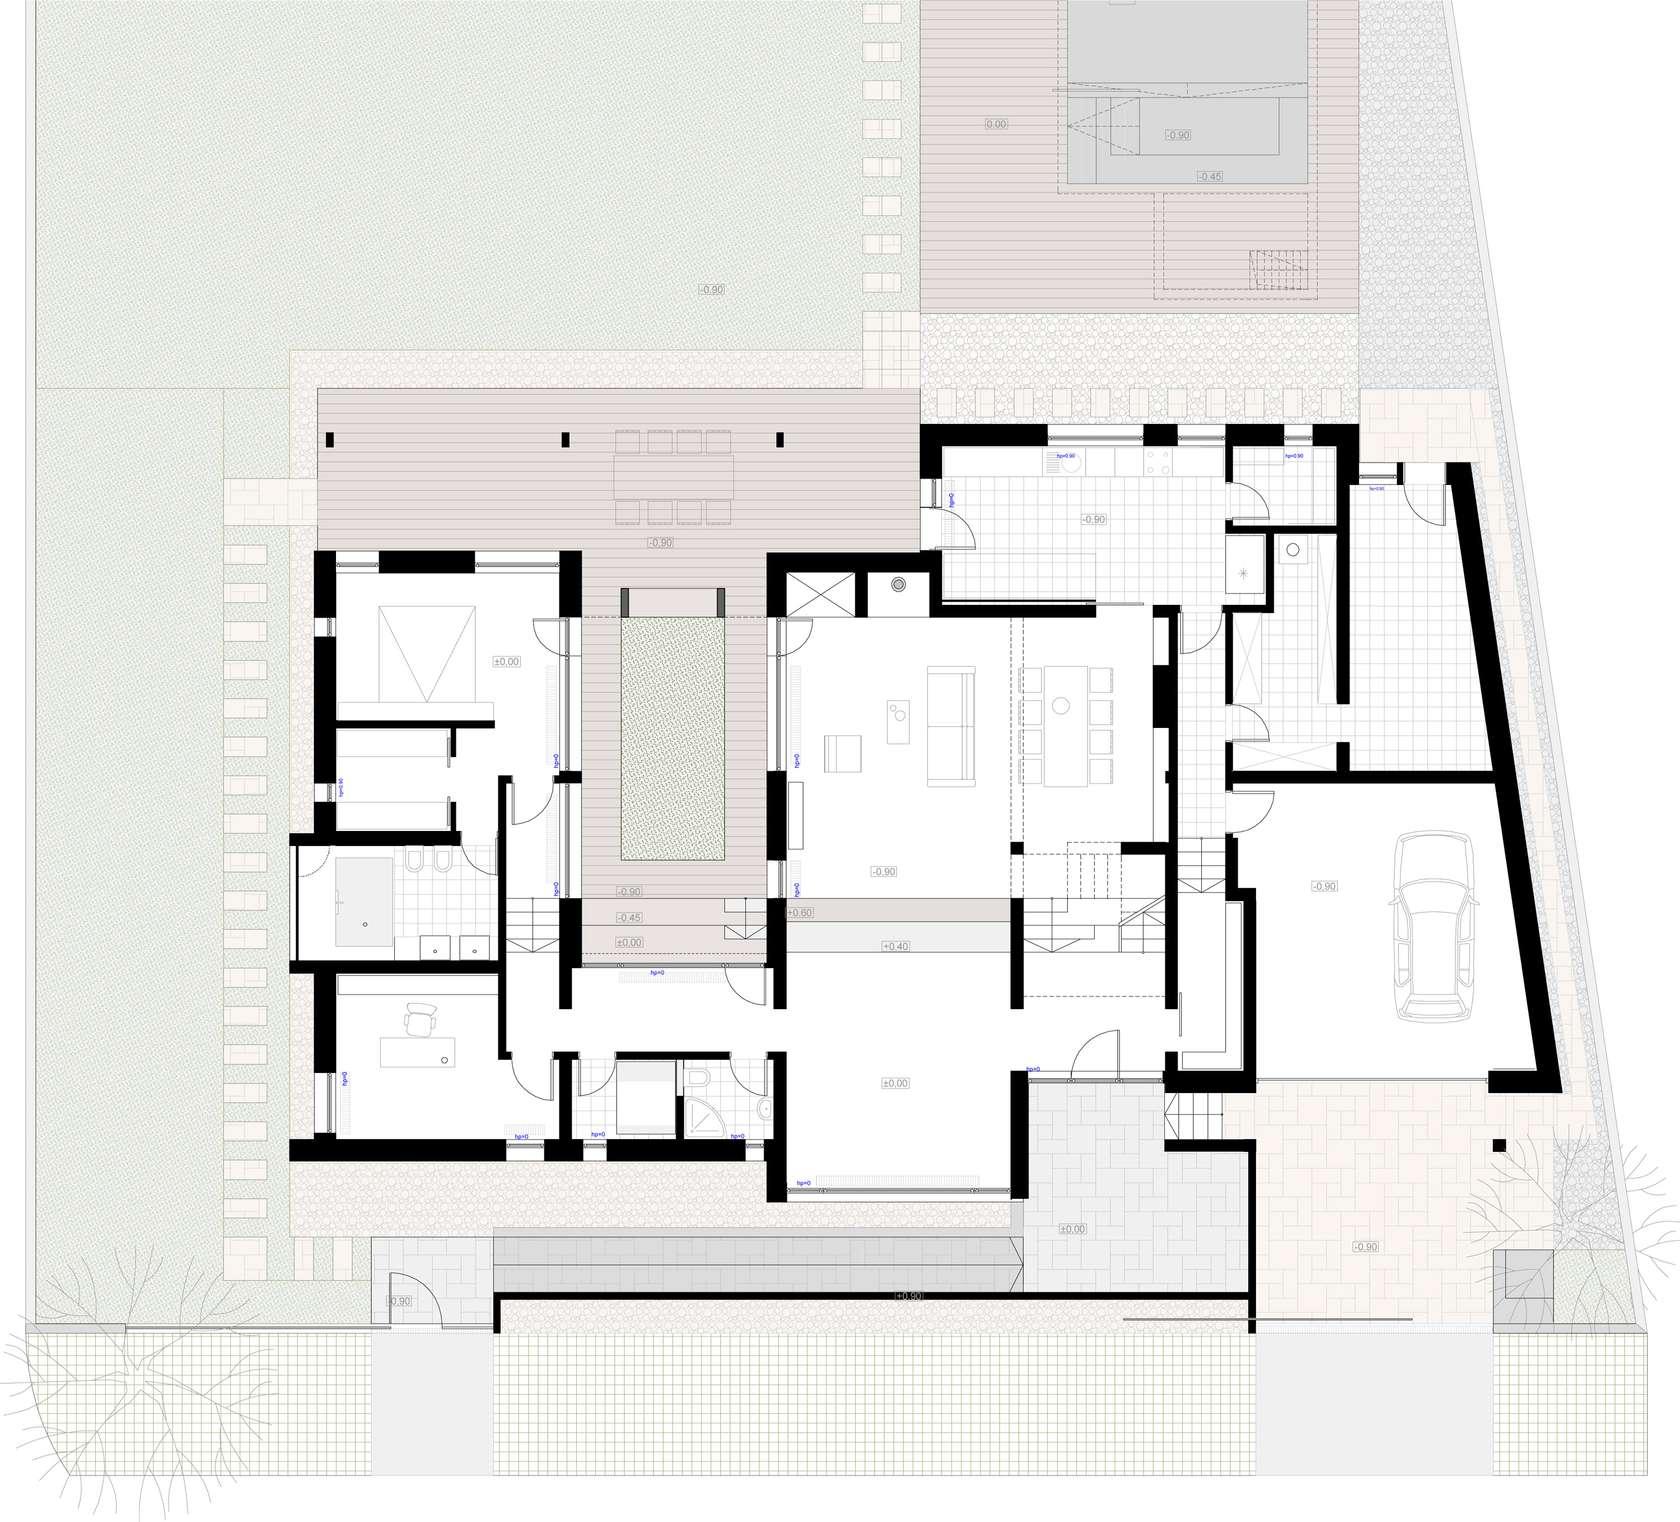 Dise o de casa moderna de dos pisos fachadas y planos for Planos para casas modernas